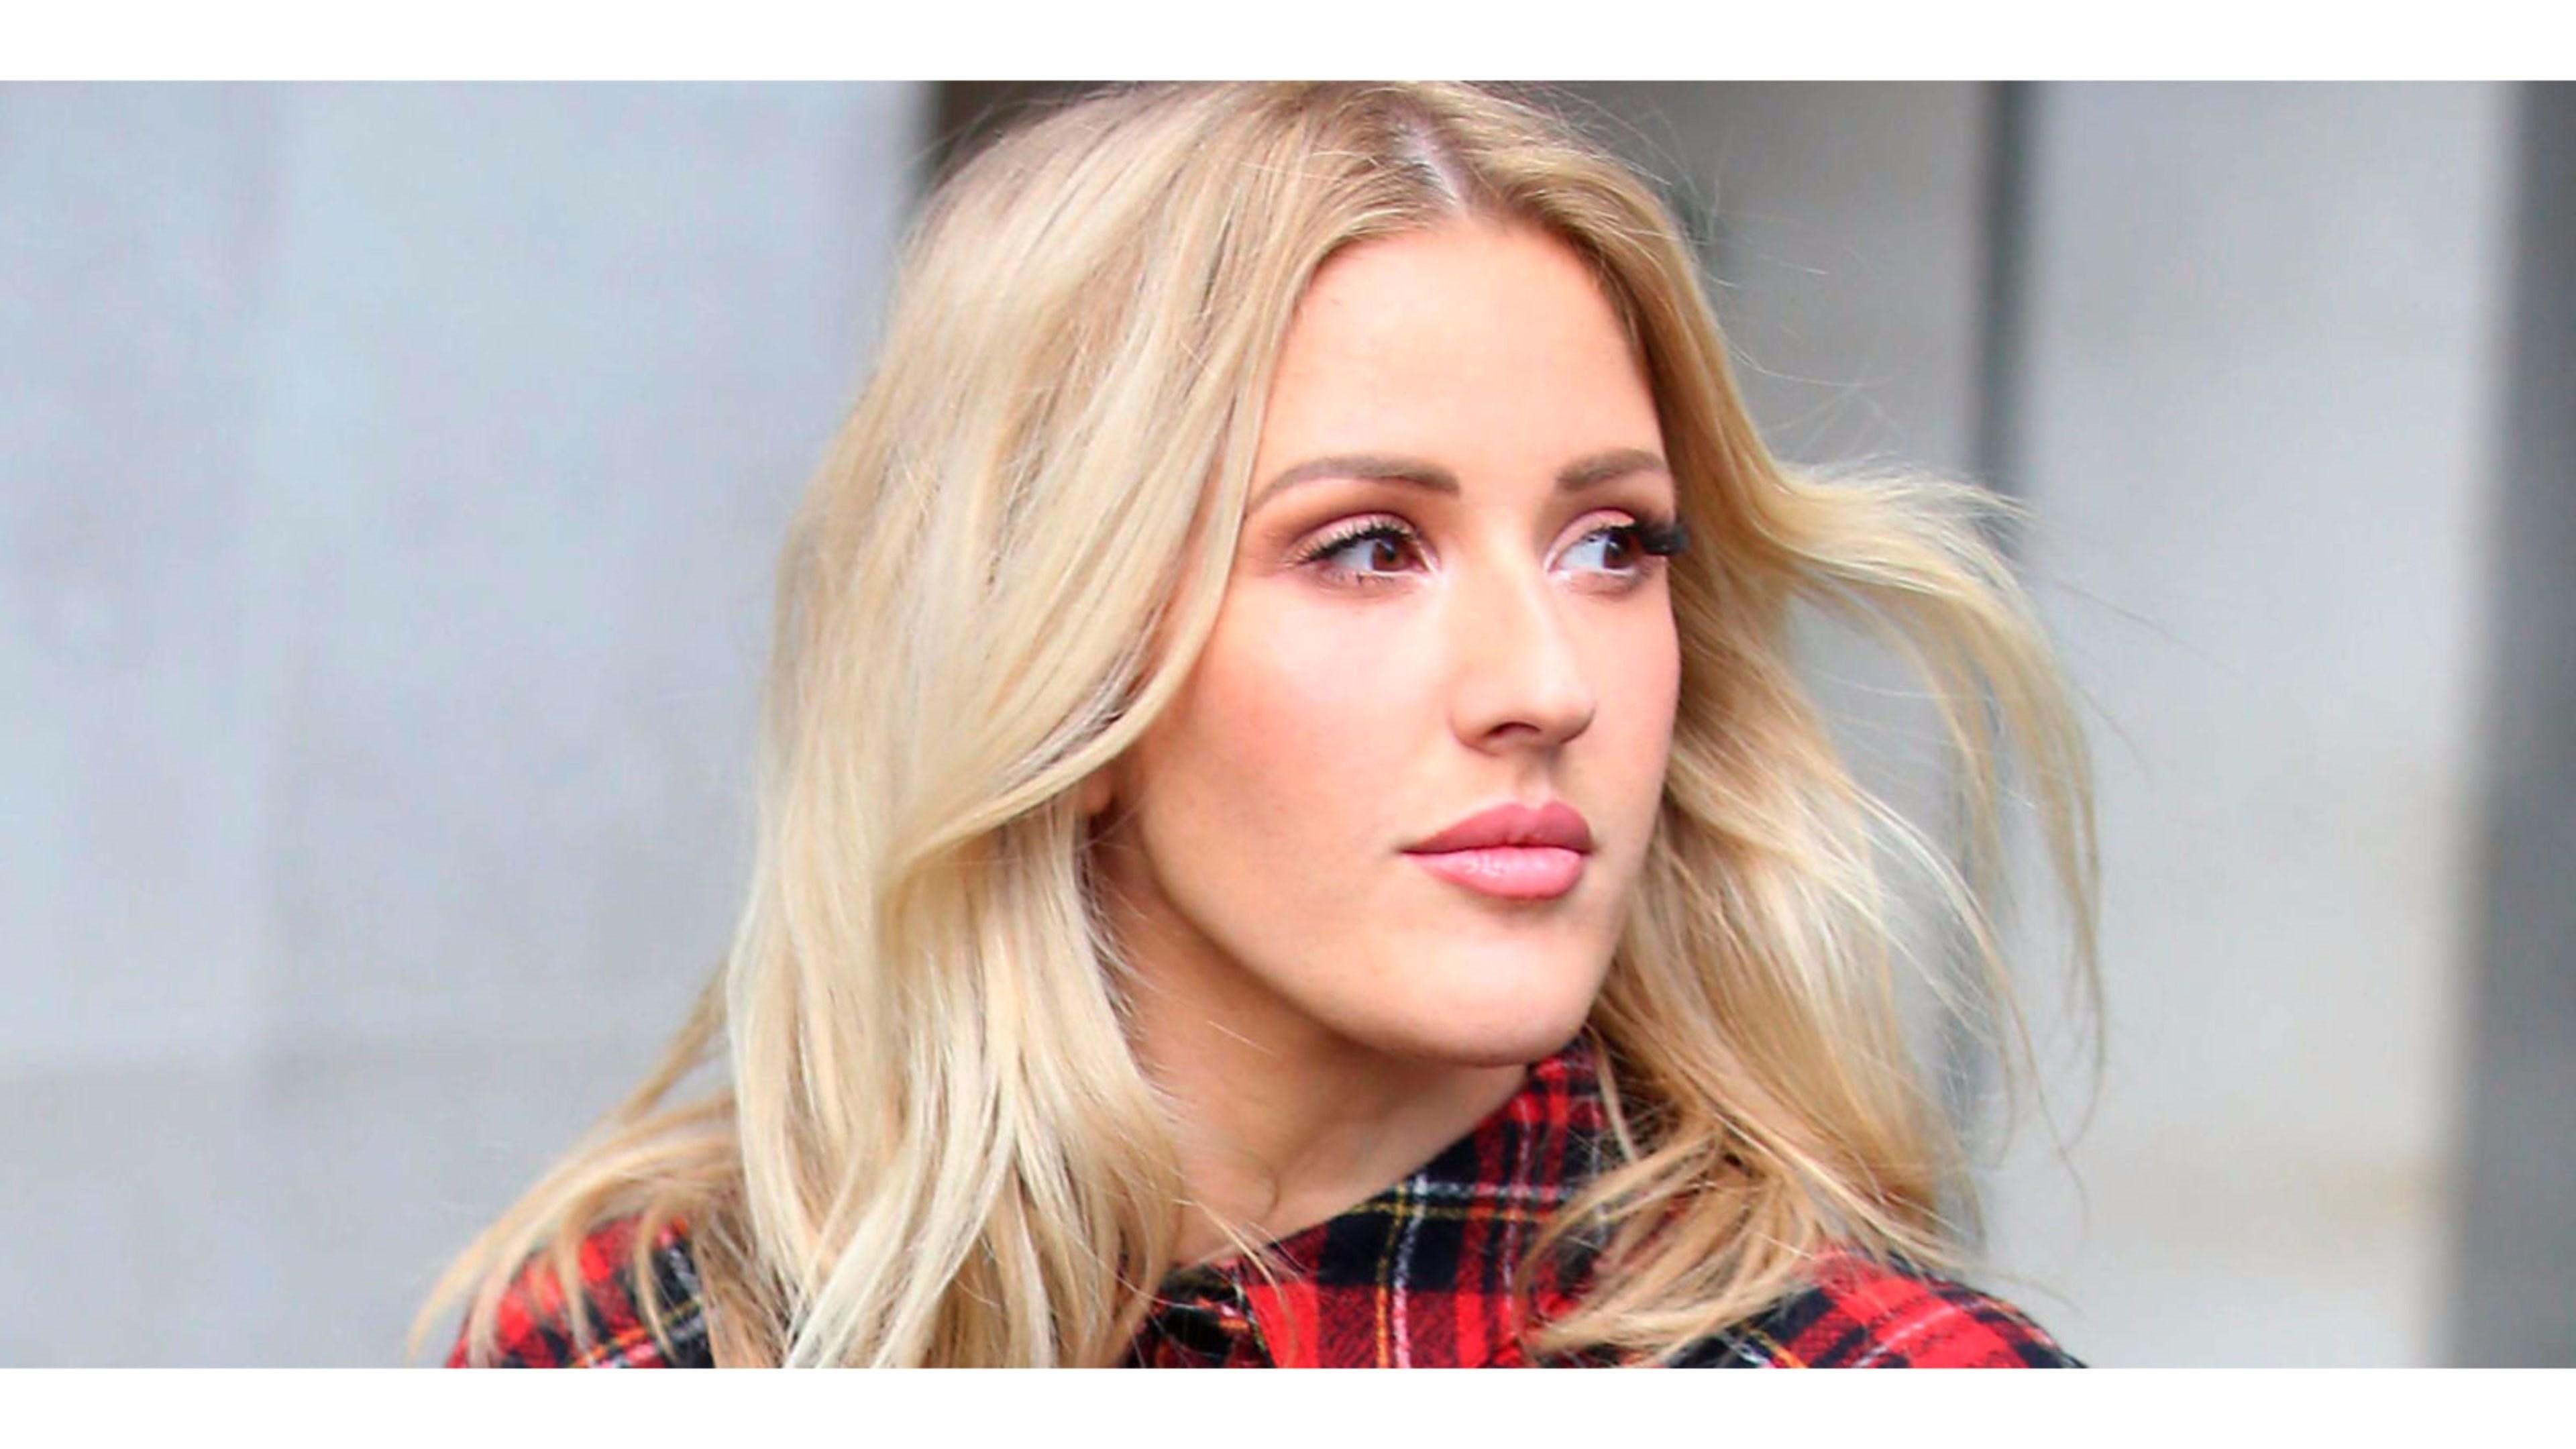 Ellie Goulding Wallpapers HD